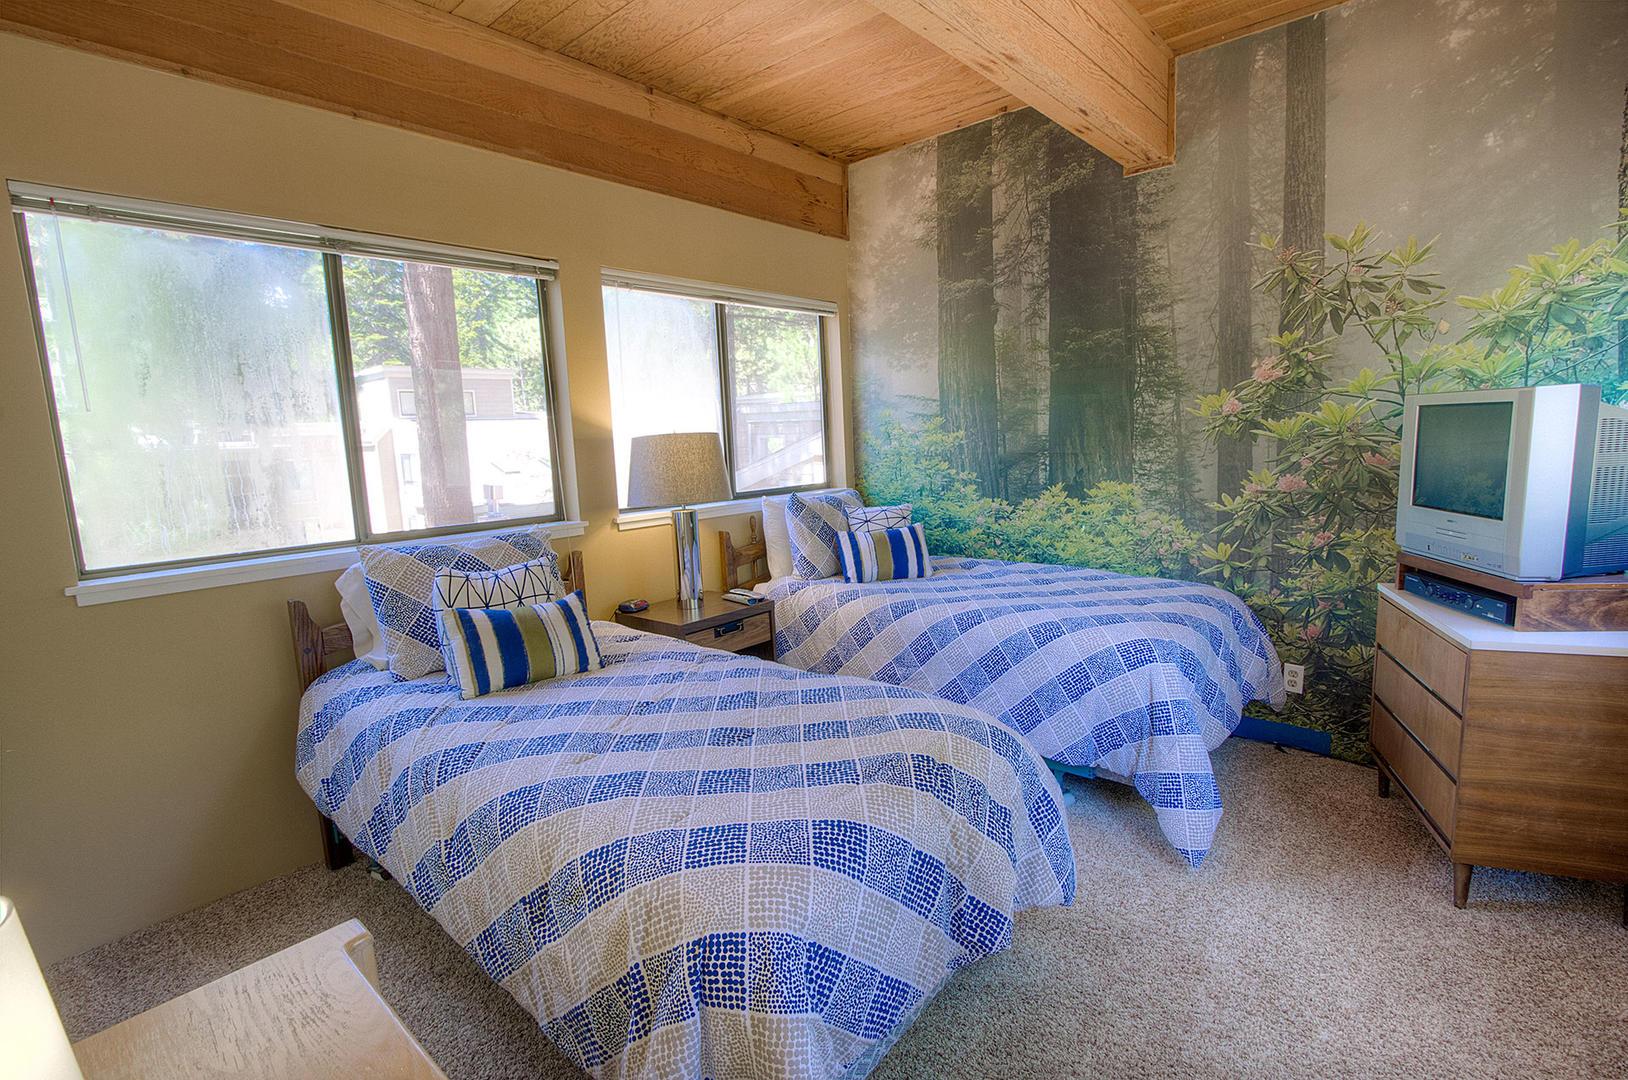 fpc1053 bedroom